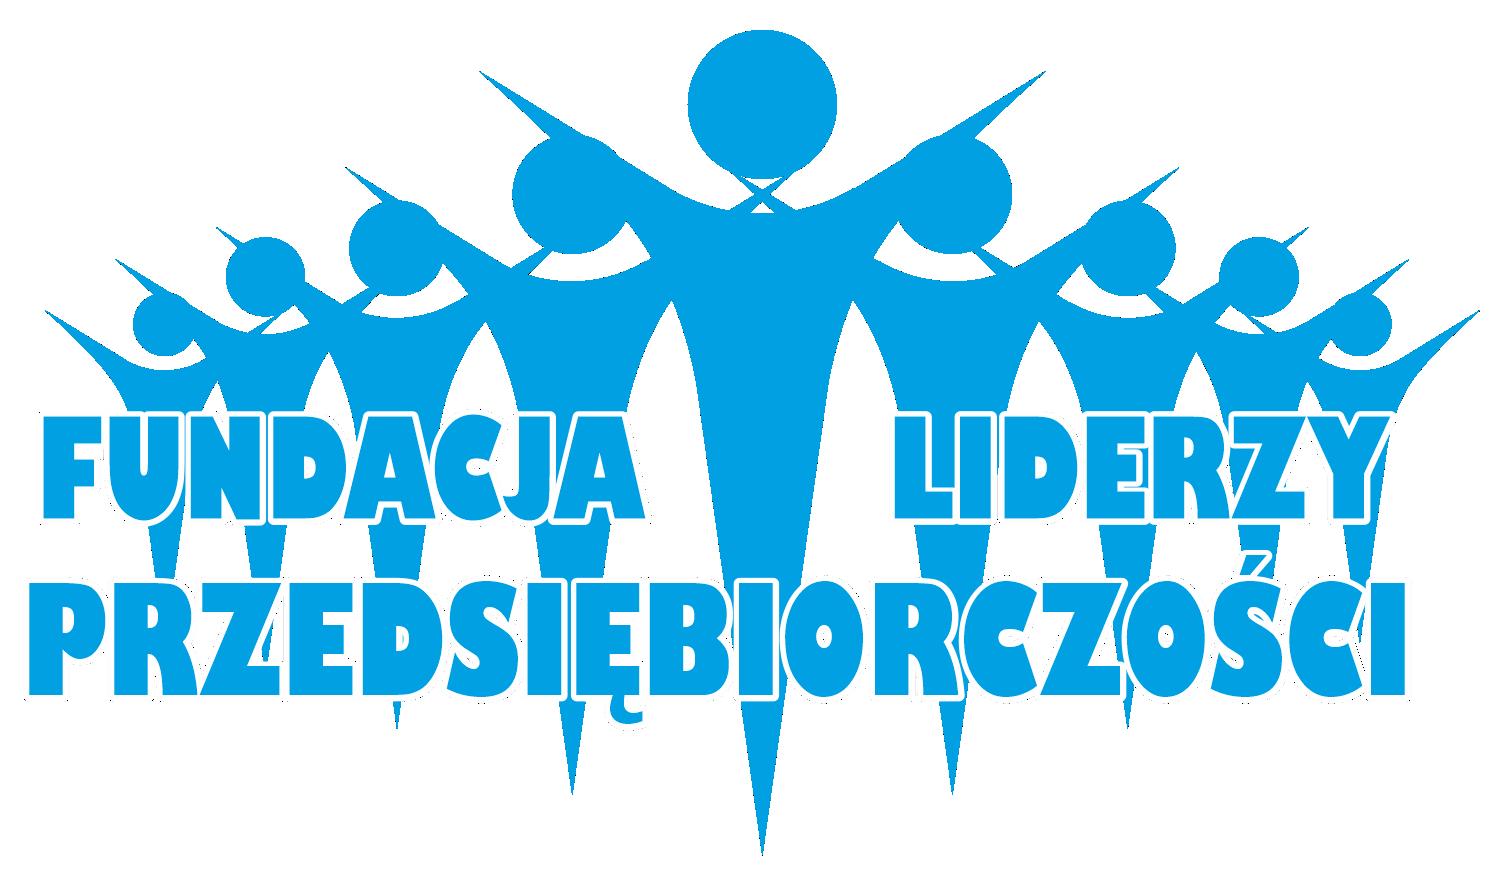 Fundacja Liderzy Przedsiębiorczości – 300 DPI PNG